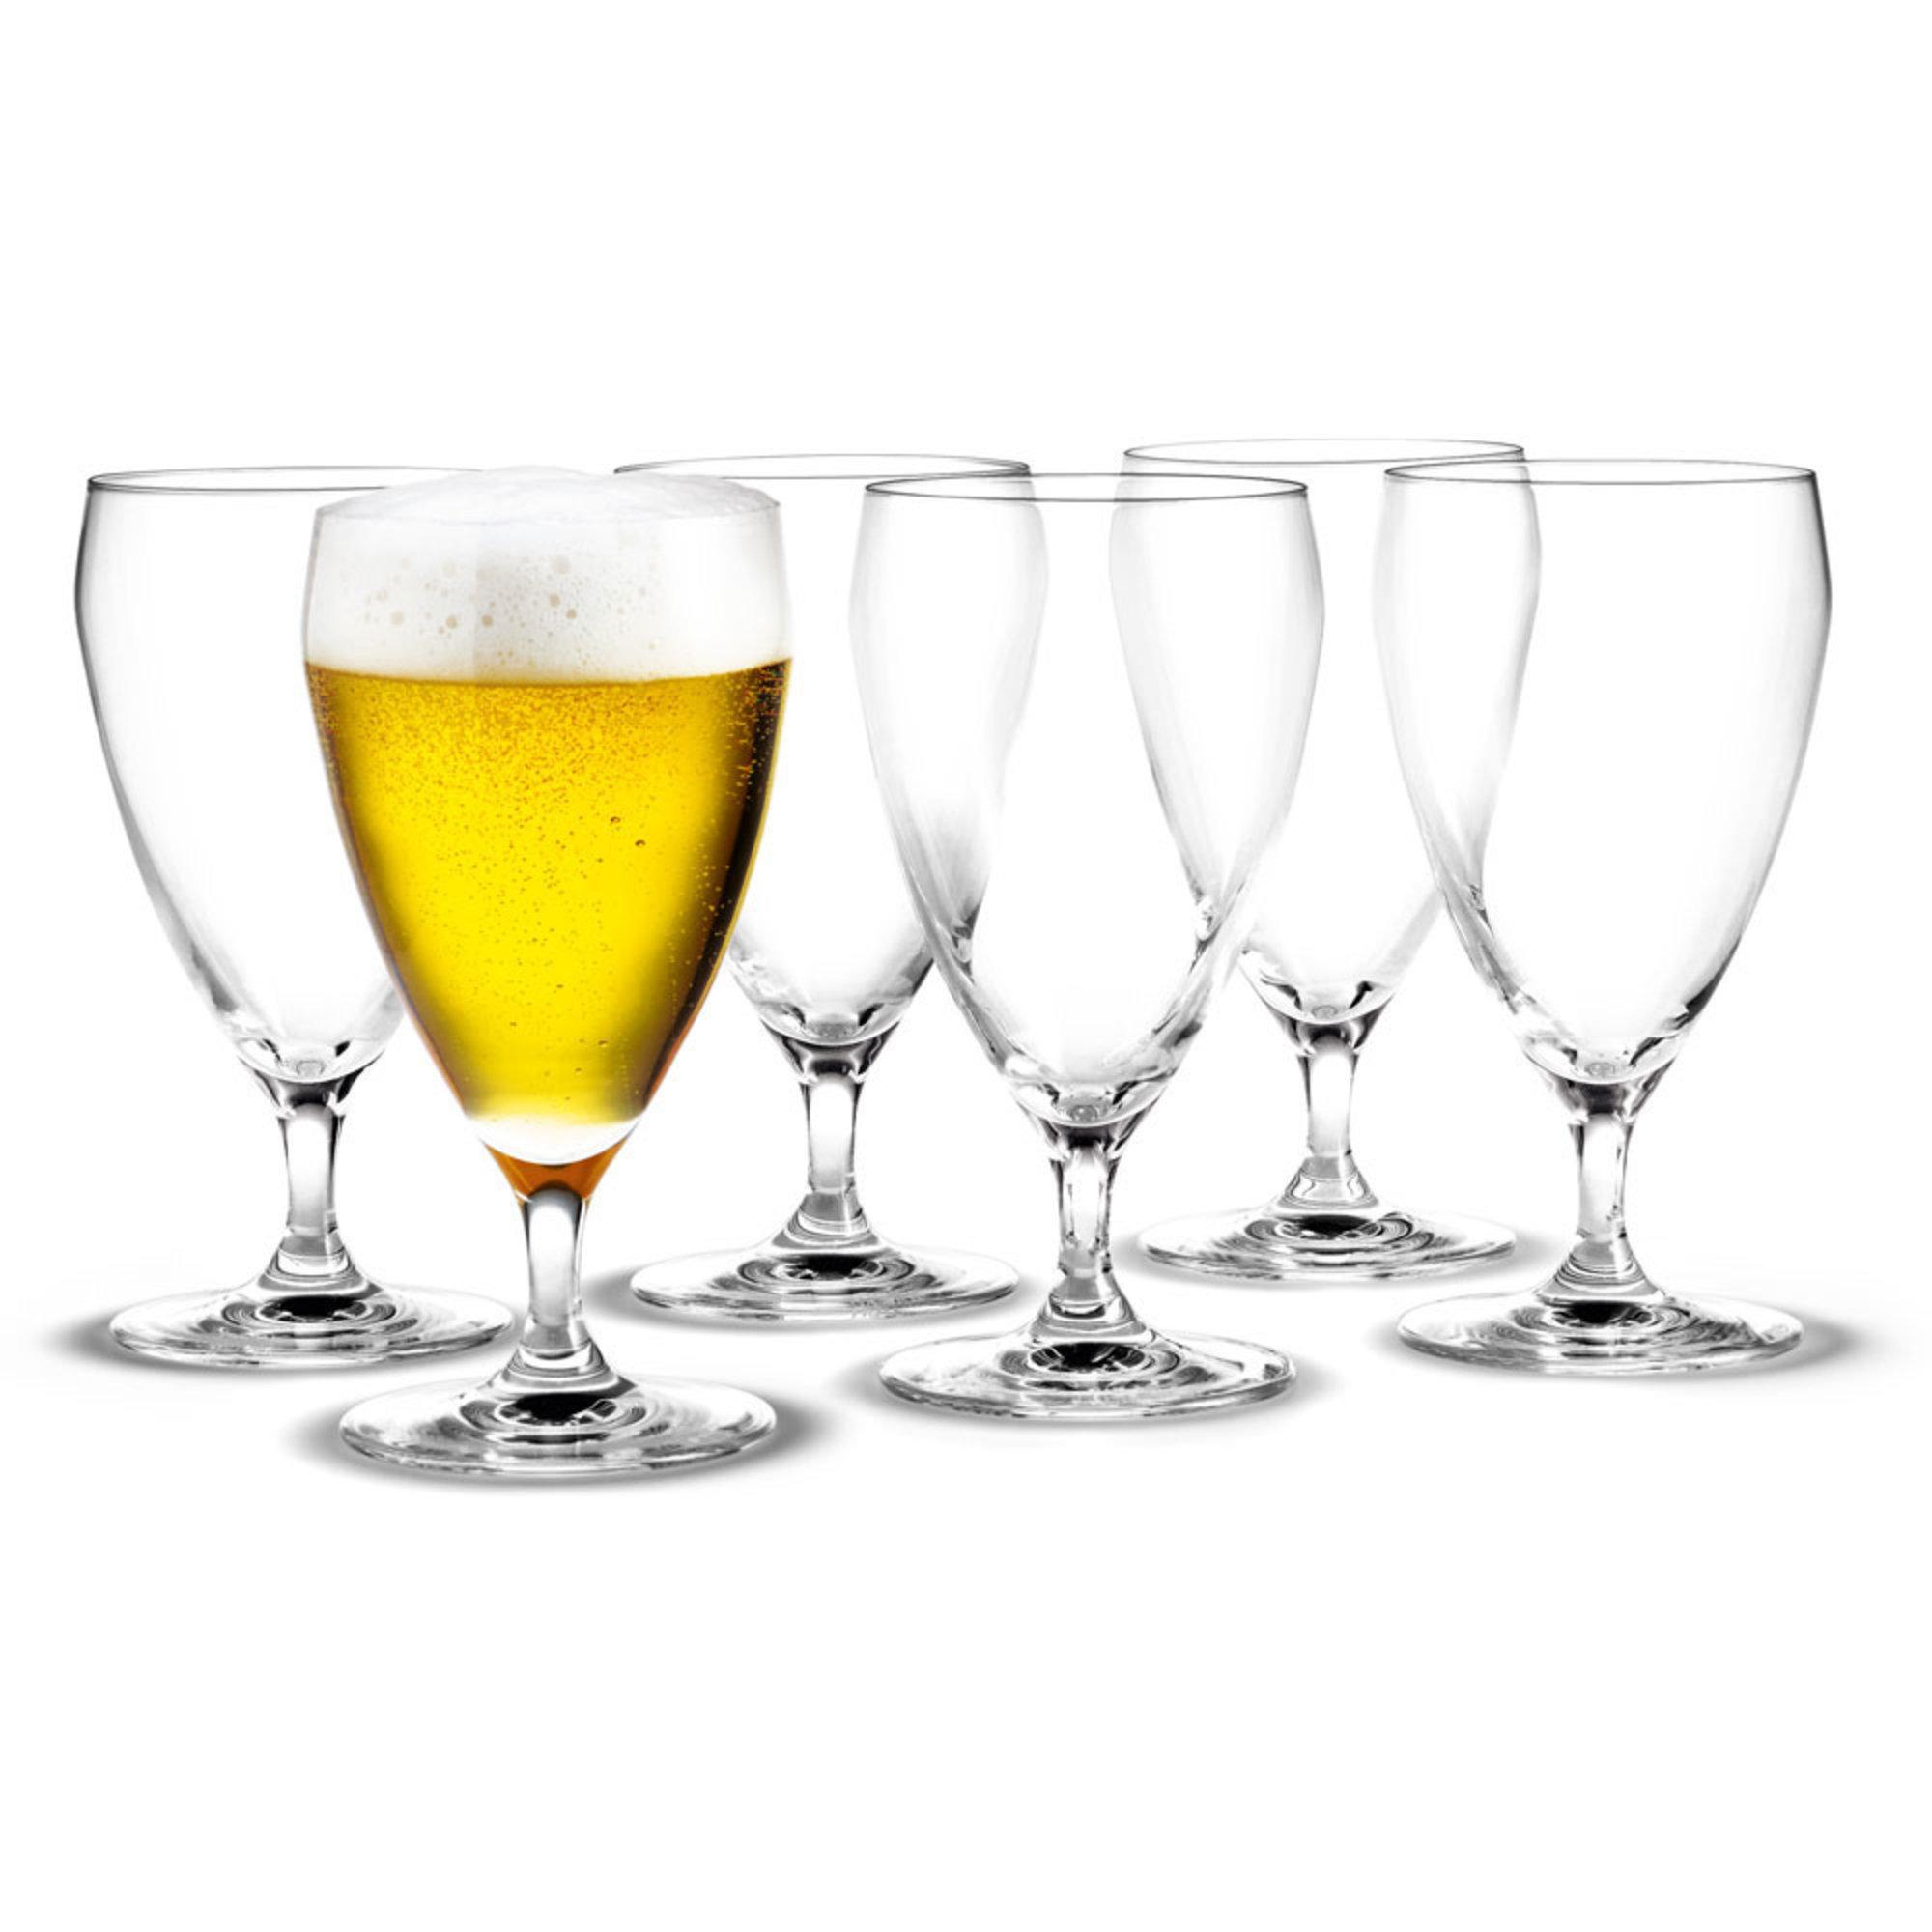 Holmegaard Perfection Ölglas 6-pack